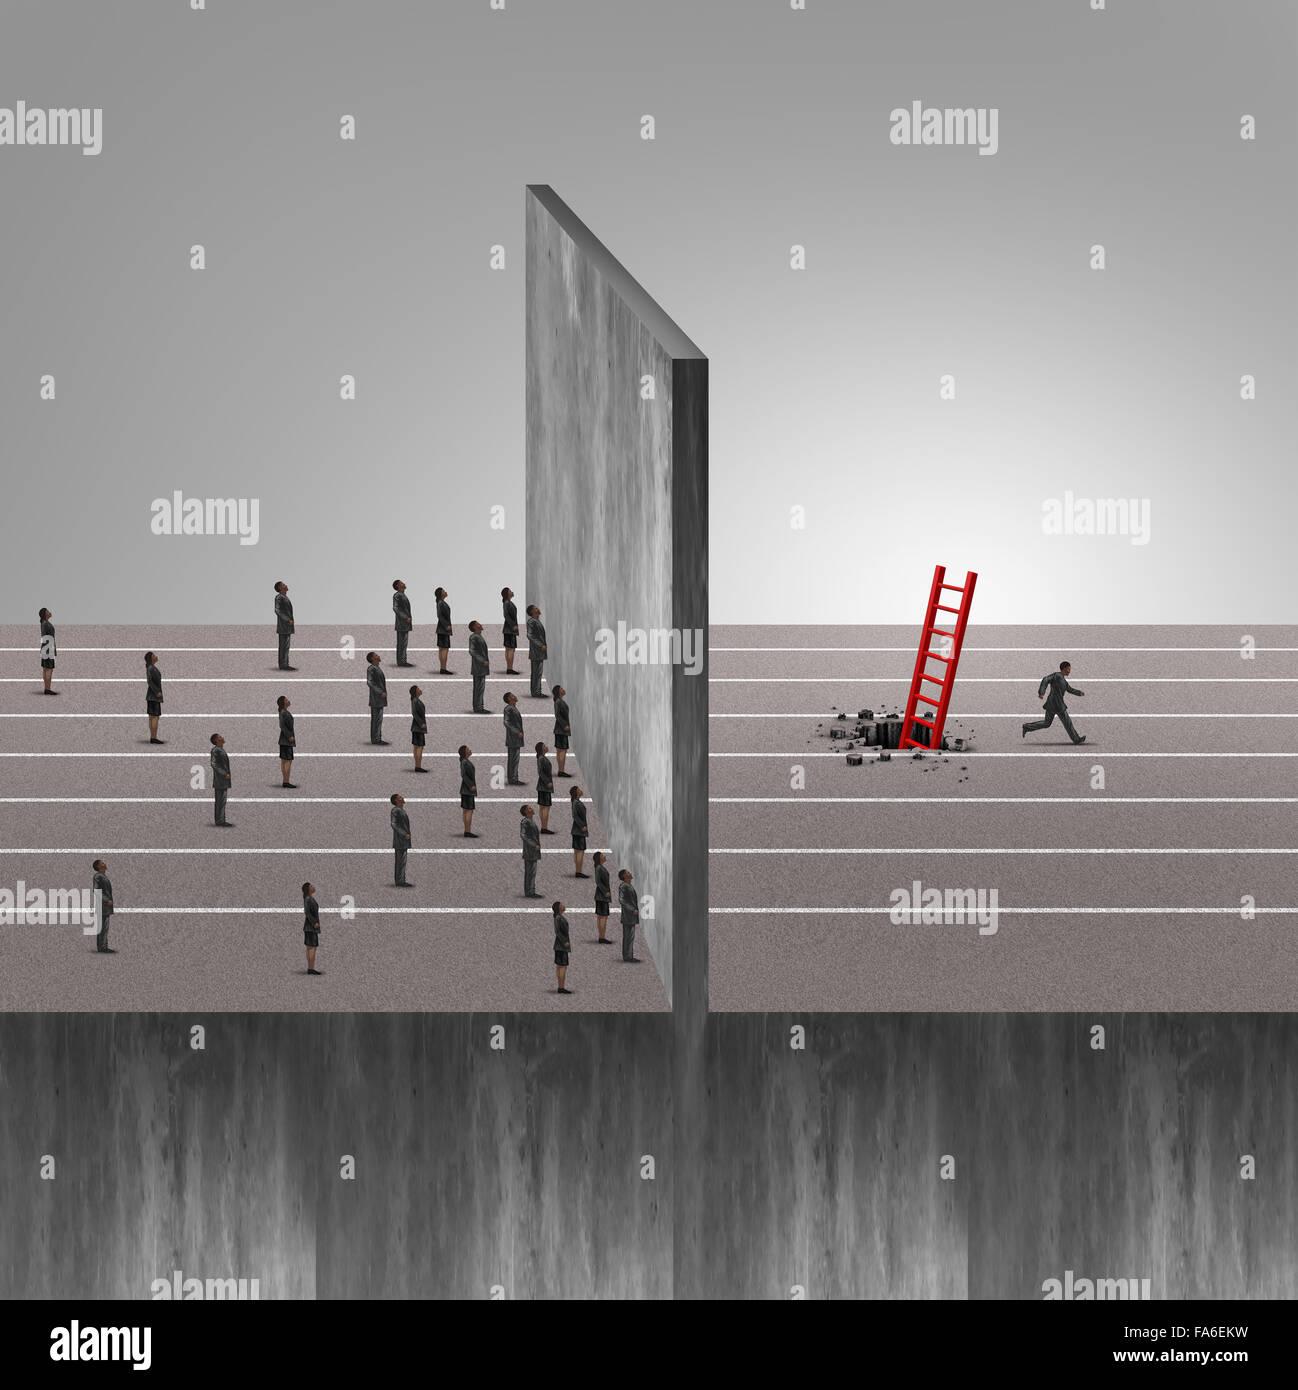 Uomo intelligente il successo del business idea come un gruppo di gente bloccato davanti a un ostacolo di parete Immagini Stock